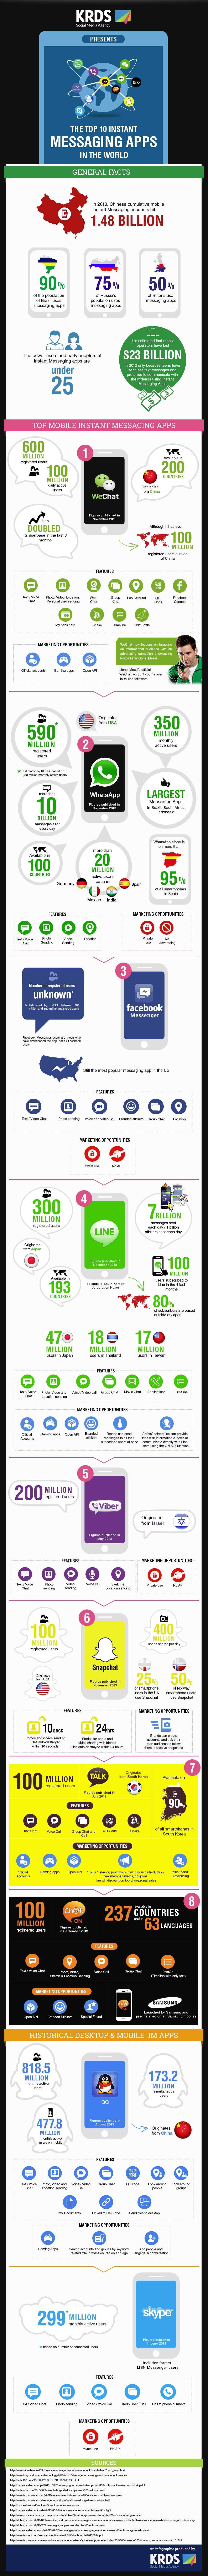 10-najpopularniejszych-komunikatorow